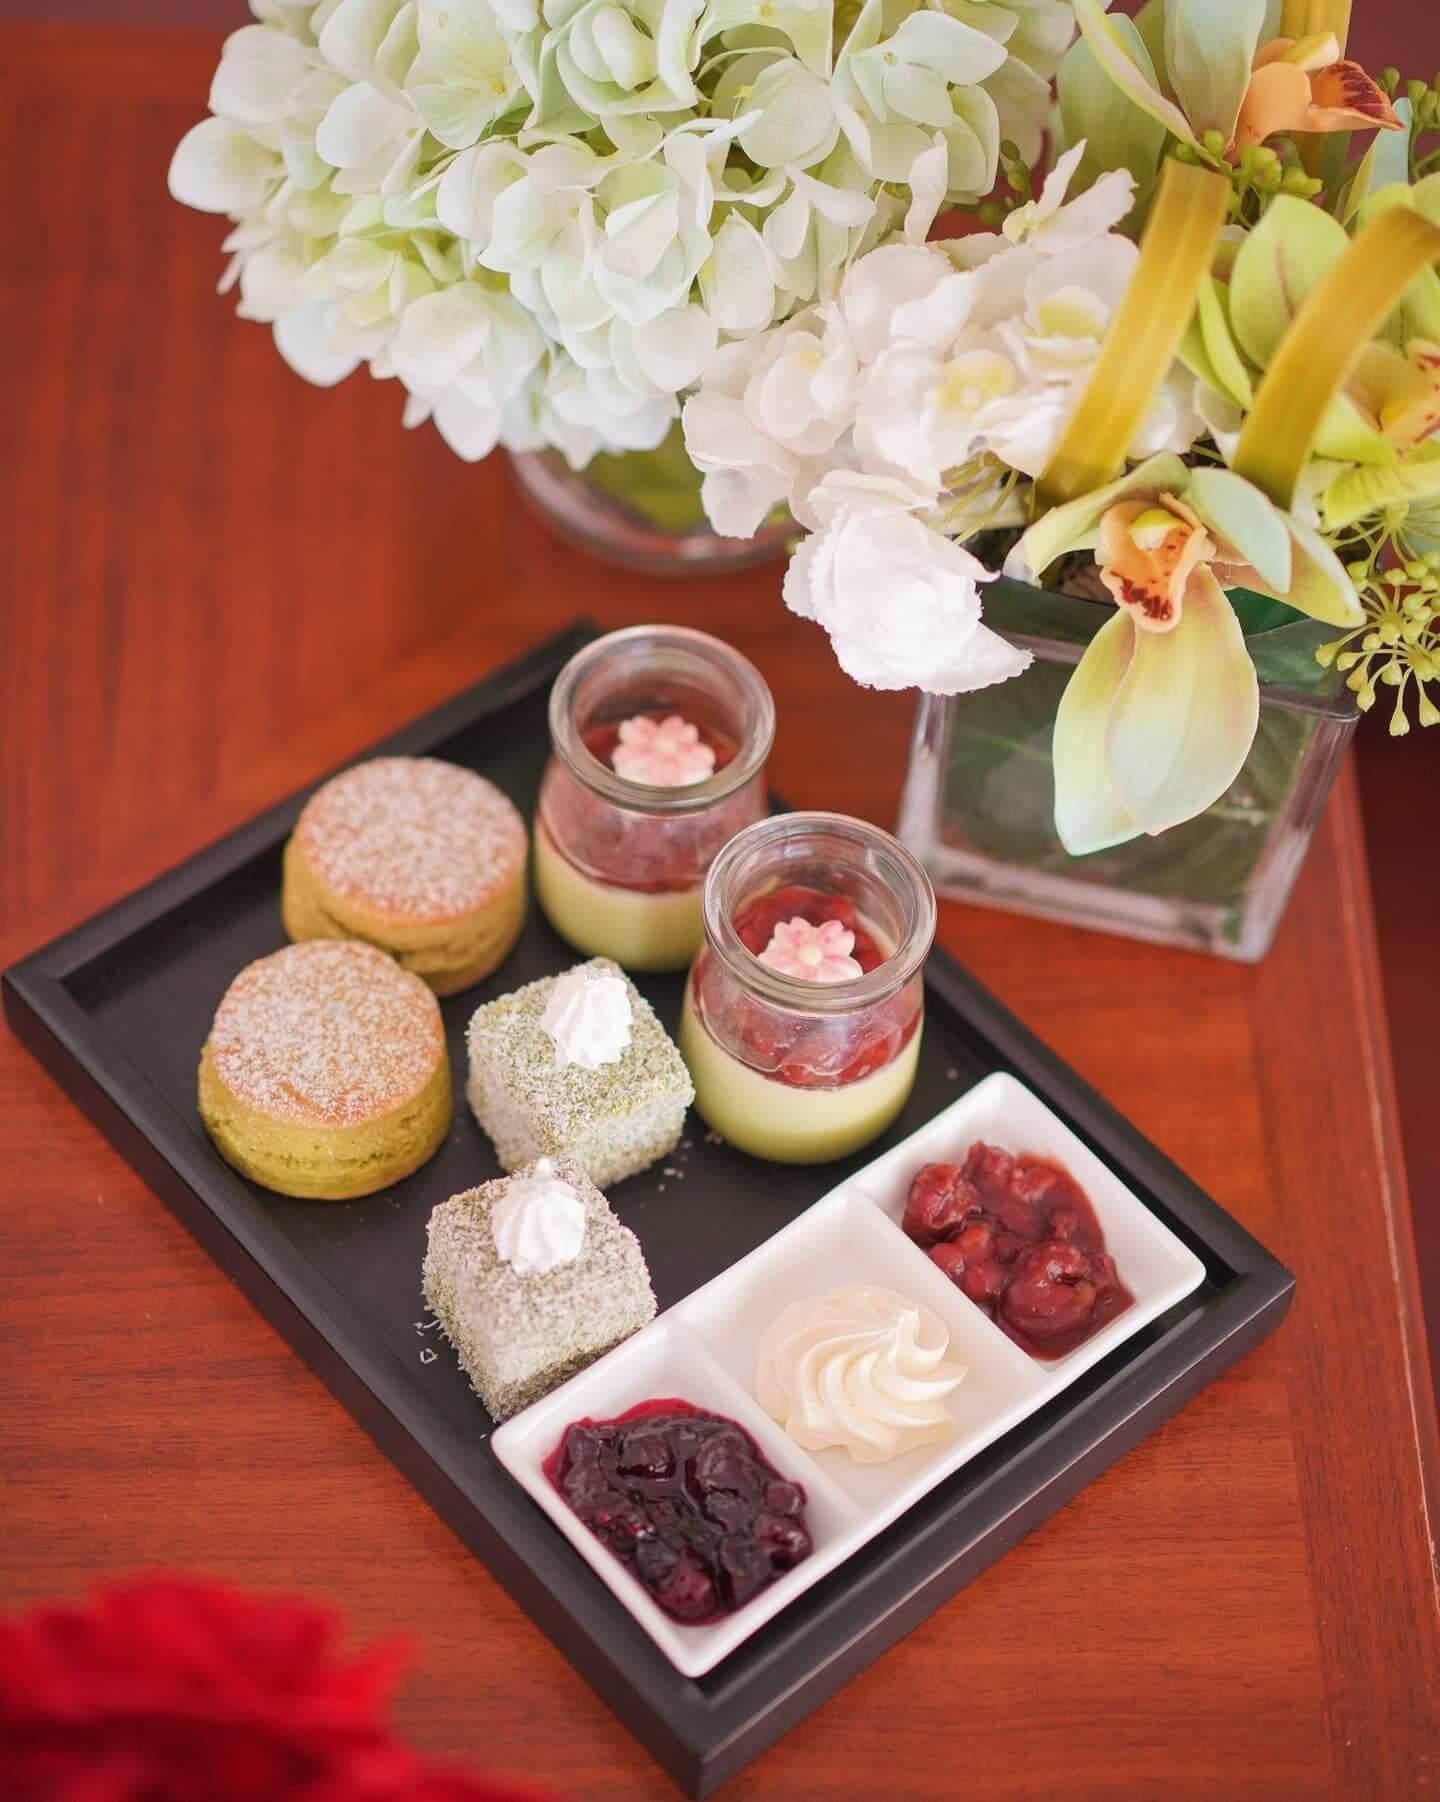 北海道綠茶奶凍配紅豆、靜岡綠茶鬆餅配紅豆、綠茶林明頓